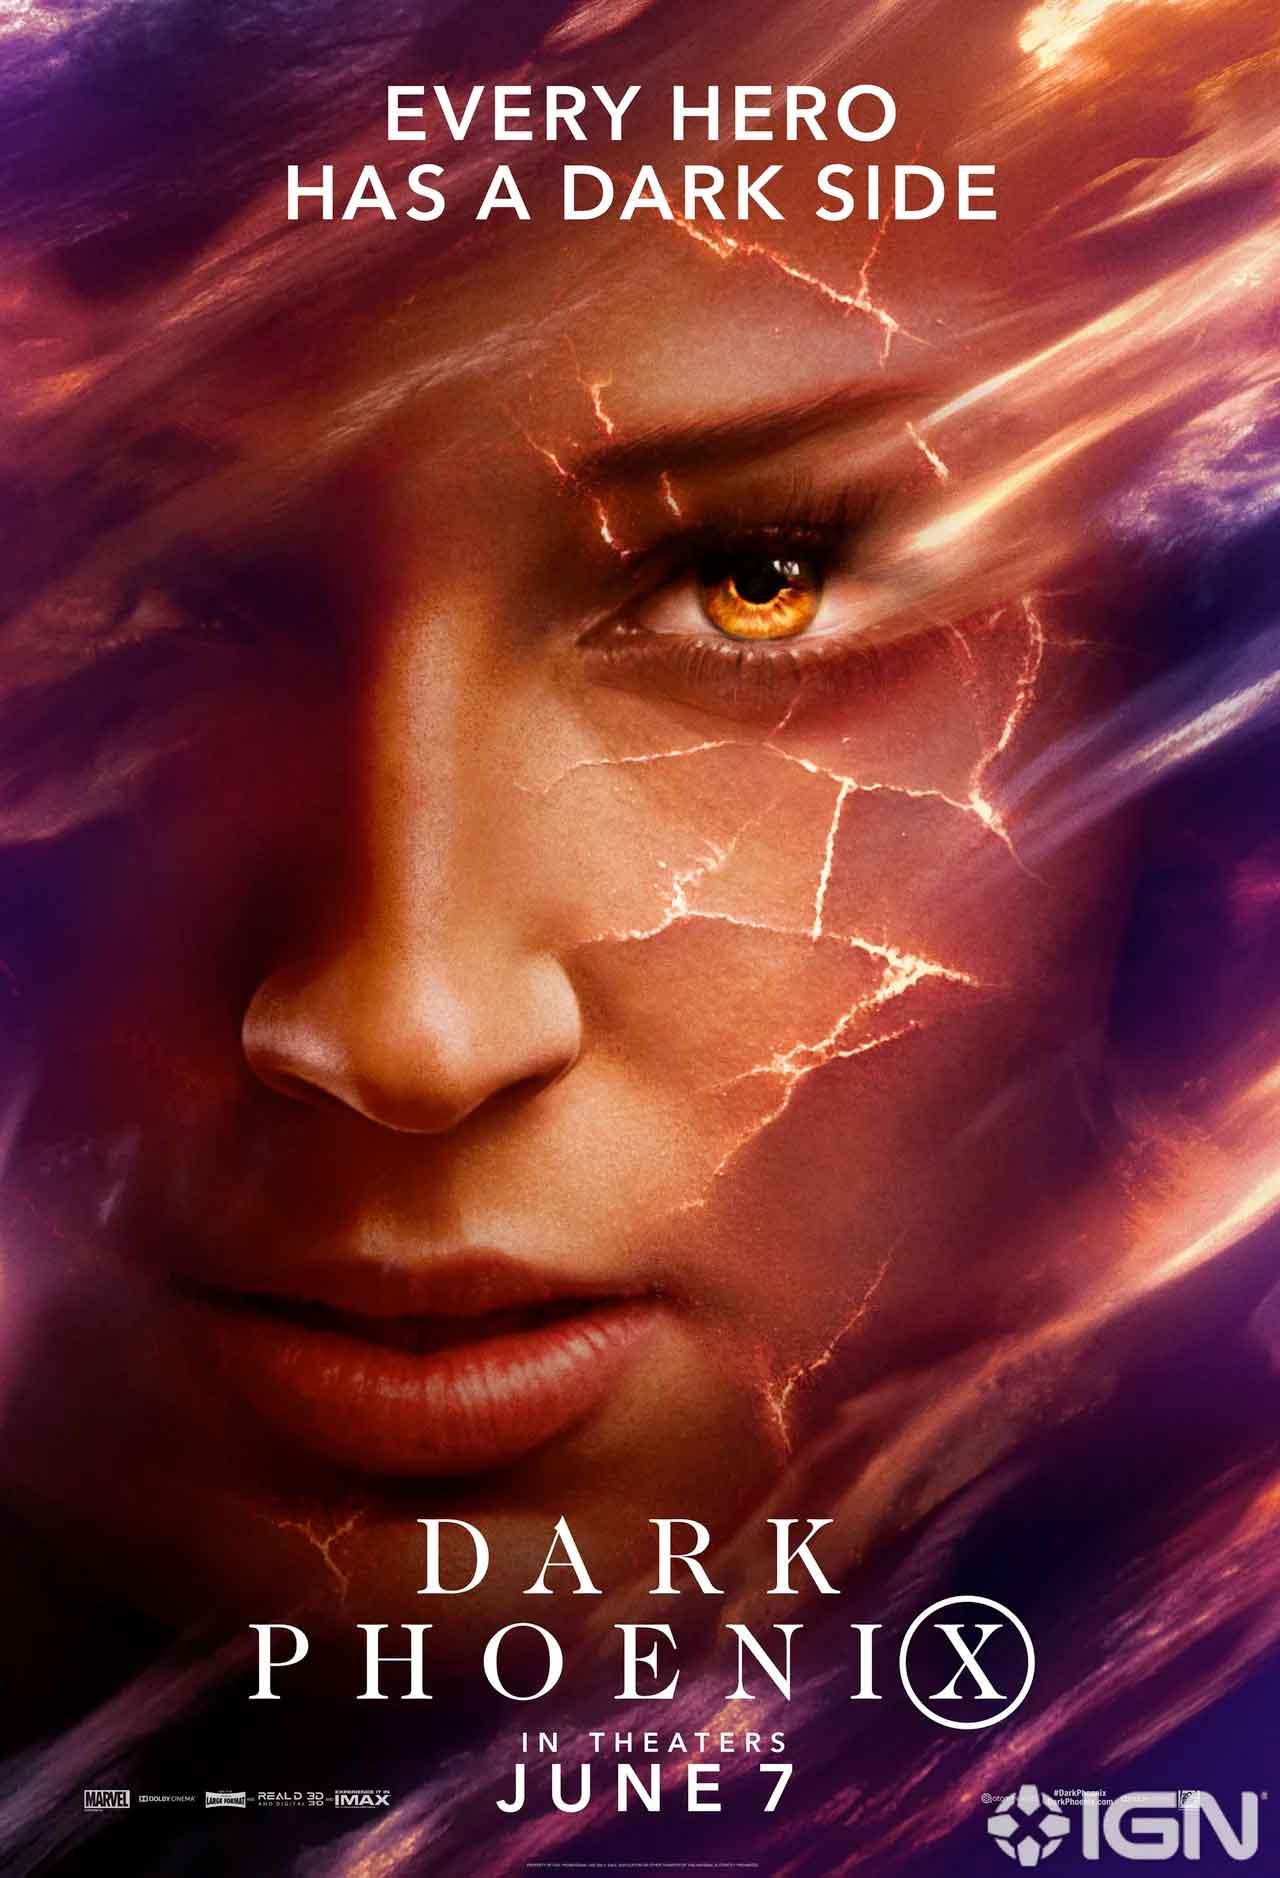 Nuevo tráiler de X-Men: Fénix Oscura sobre el legado de los mutantes